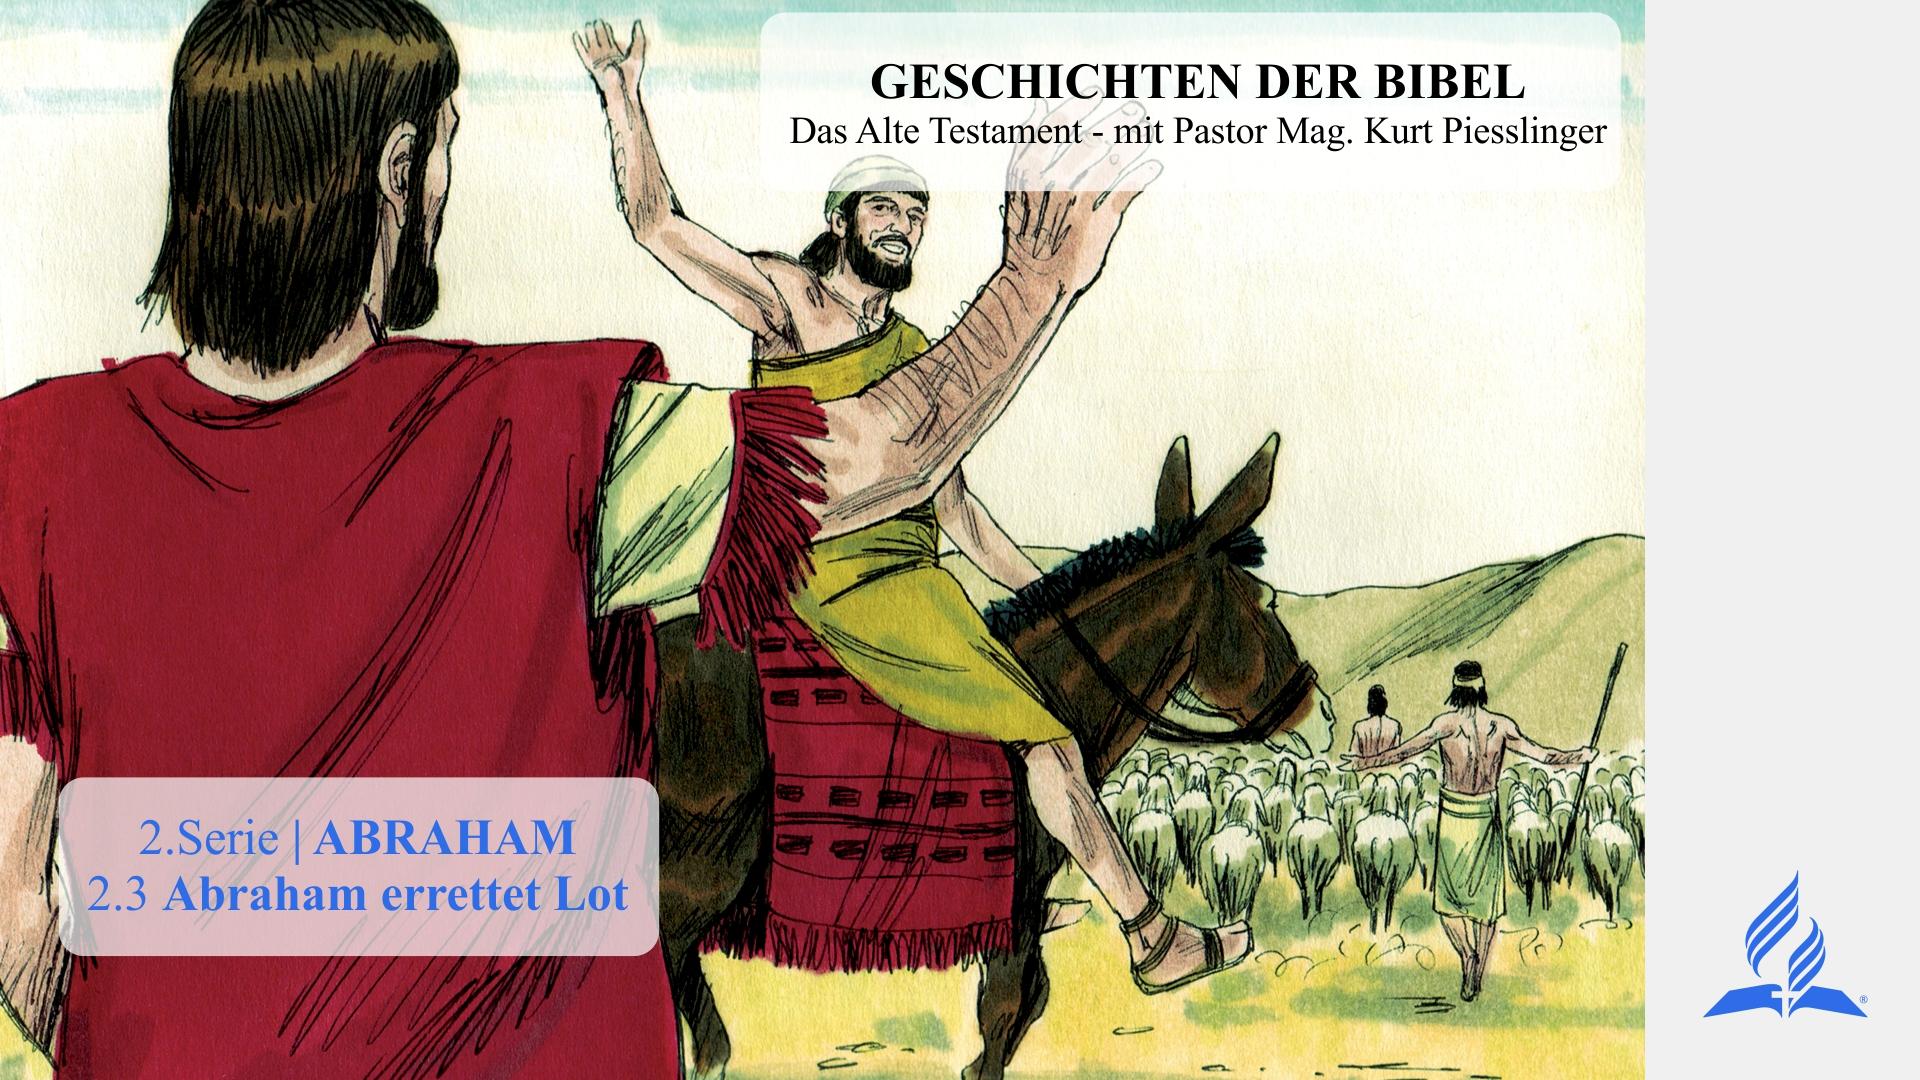 2.3 Abraham errettet Lot – 2.ABRAHAM | Pastor Mag. Kurt Piesslinger